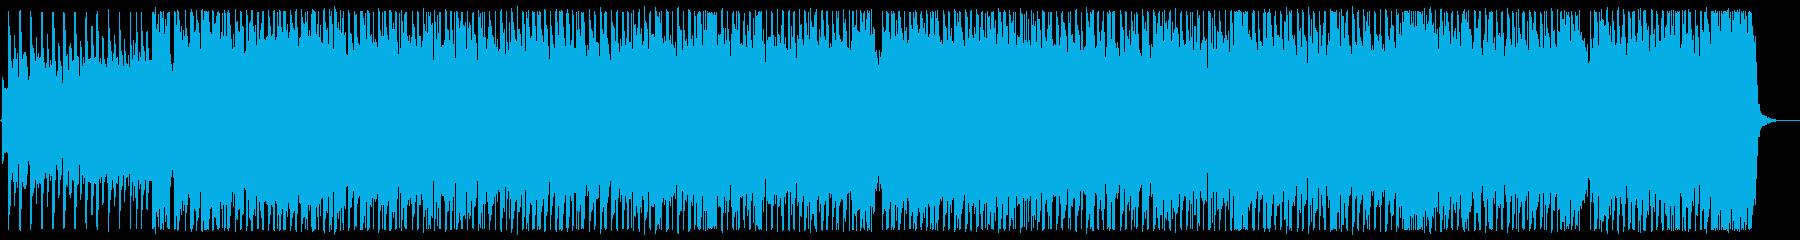 ハイエナジーバンドサウンド、映像OPに!の再生済みの波形